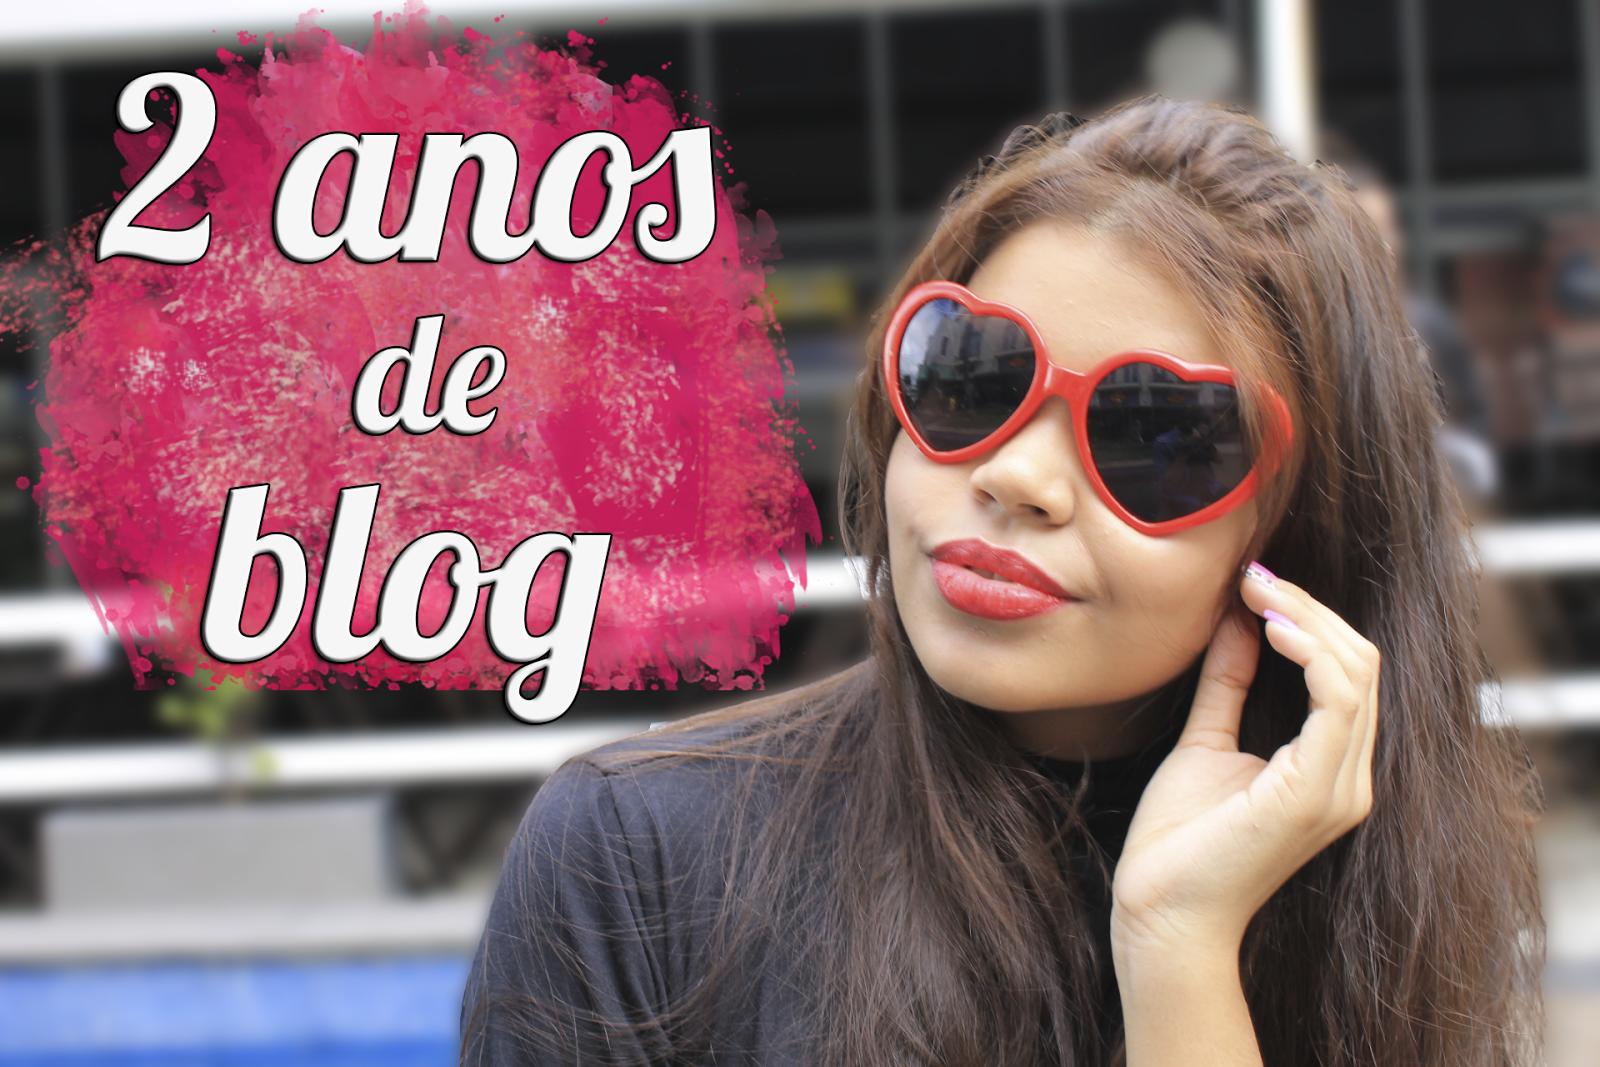 sonho de ser blogueira, aniversário do blog, homenagem